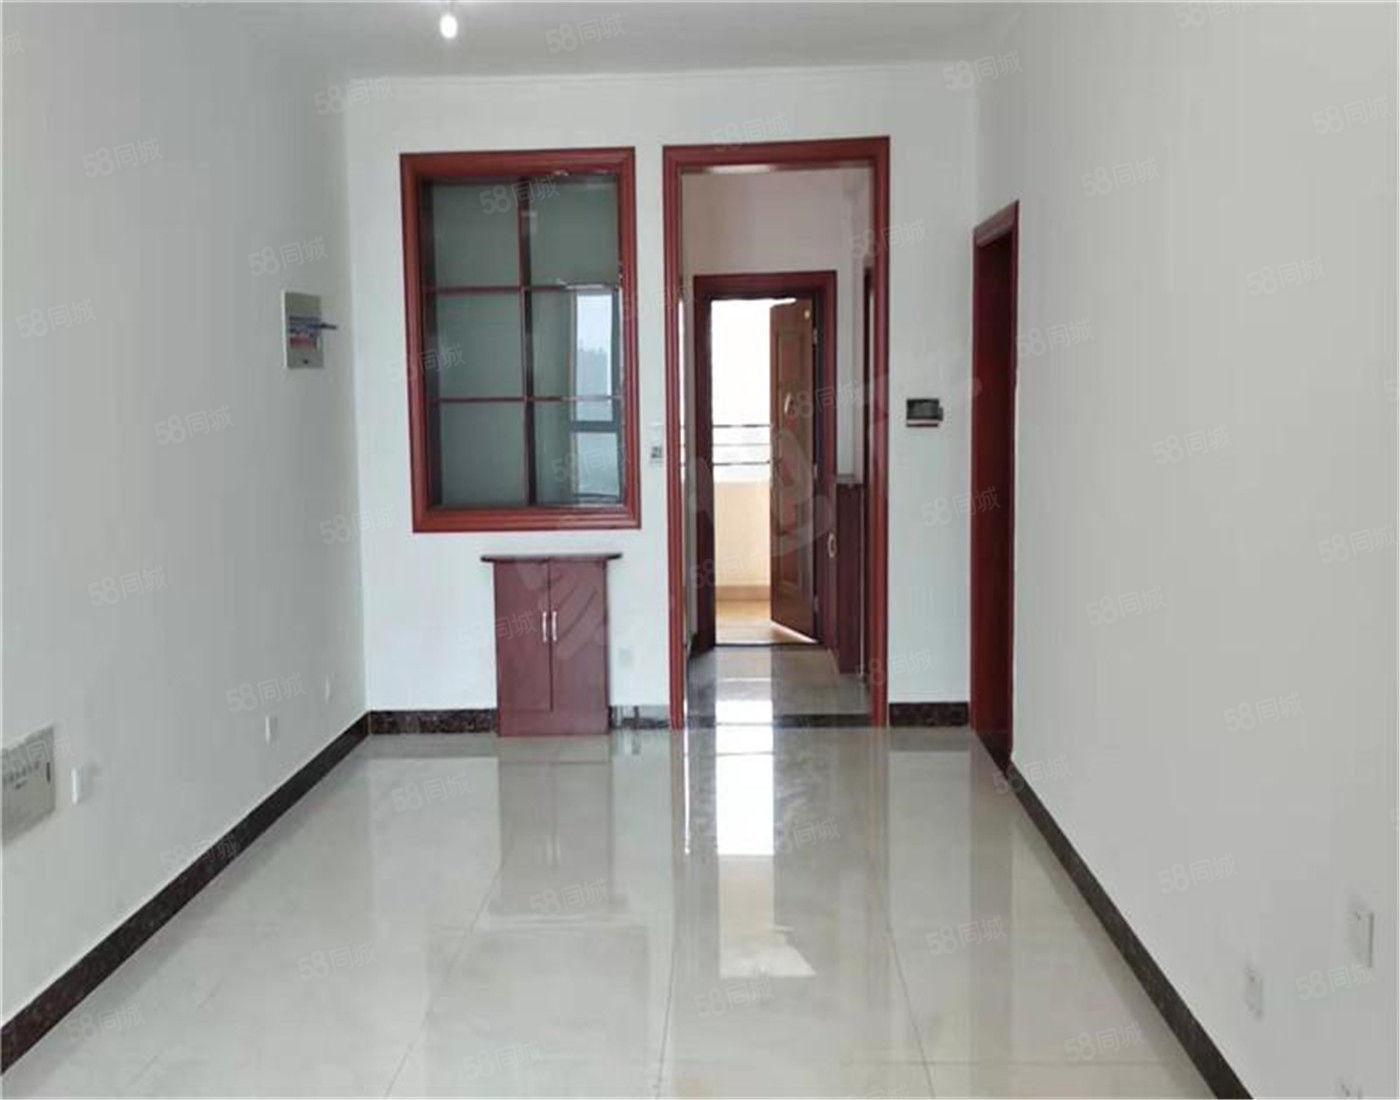 南池曼哈�D三居室� �T小�W附近空房有�匙首次出租